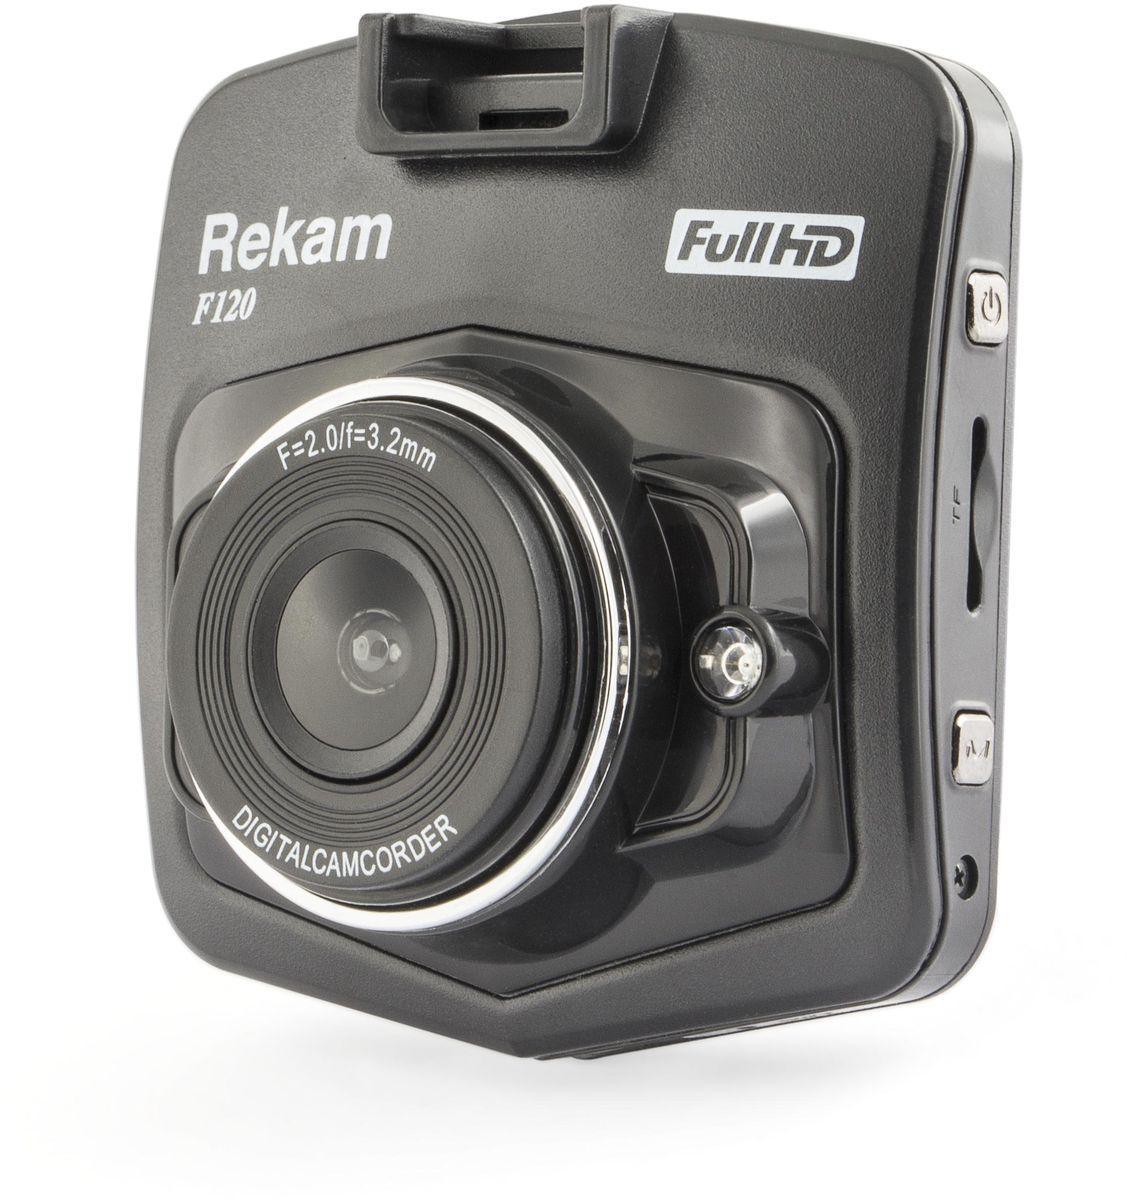 Rekam F120, Black видеорегистратор2603000011Автомобильный видеорегистратор Rekam F120 способен записывать видео с разрешением, соответствующим стандарту Full HD. При этом его широкоугольный объектив позволяет снимать все происходящее в диапазоне 140 градусов перед автомобилем, что соответствует трем полосам магистральной дороги. Благодаря этому в запись гарантированно попадают все важные подробности.